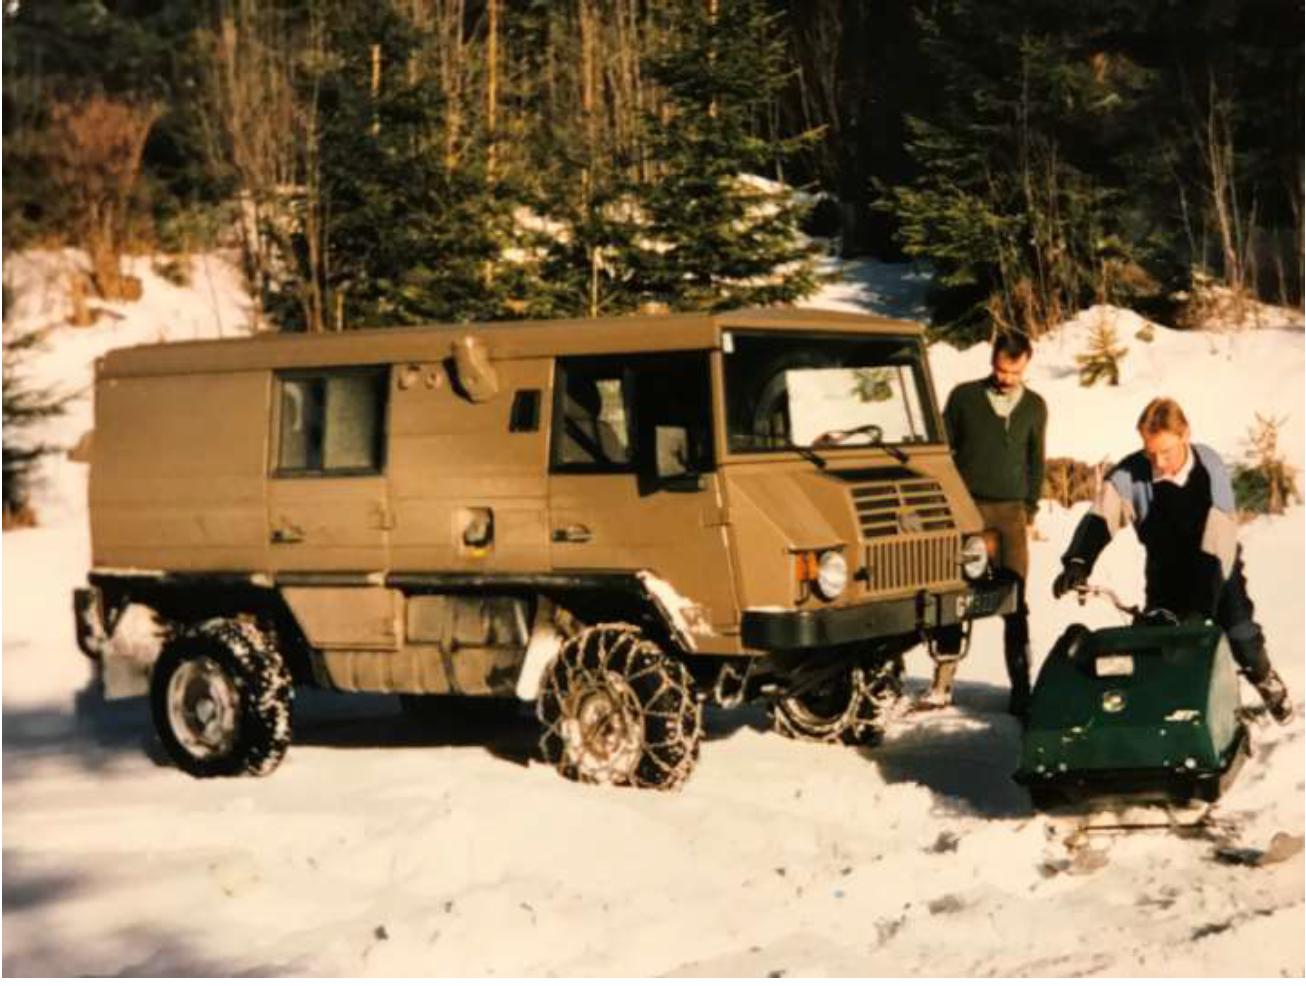 Pinzgauer TD prototype in action (1985)